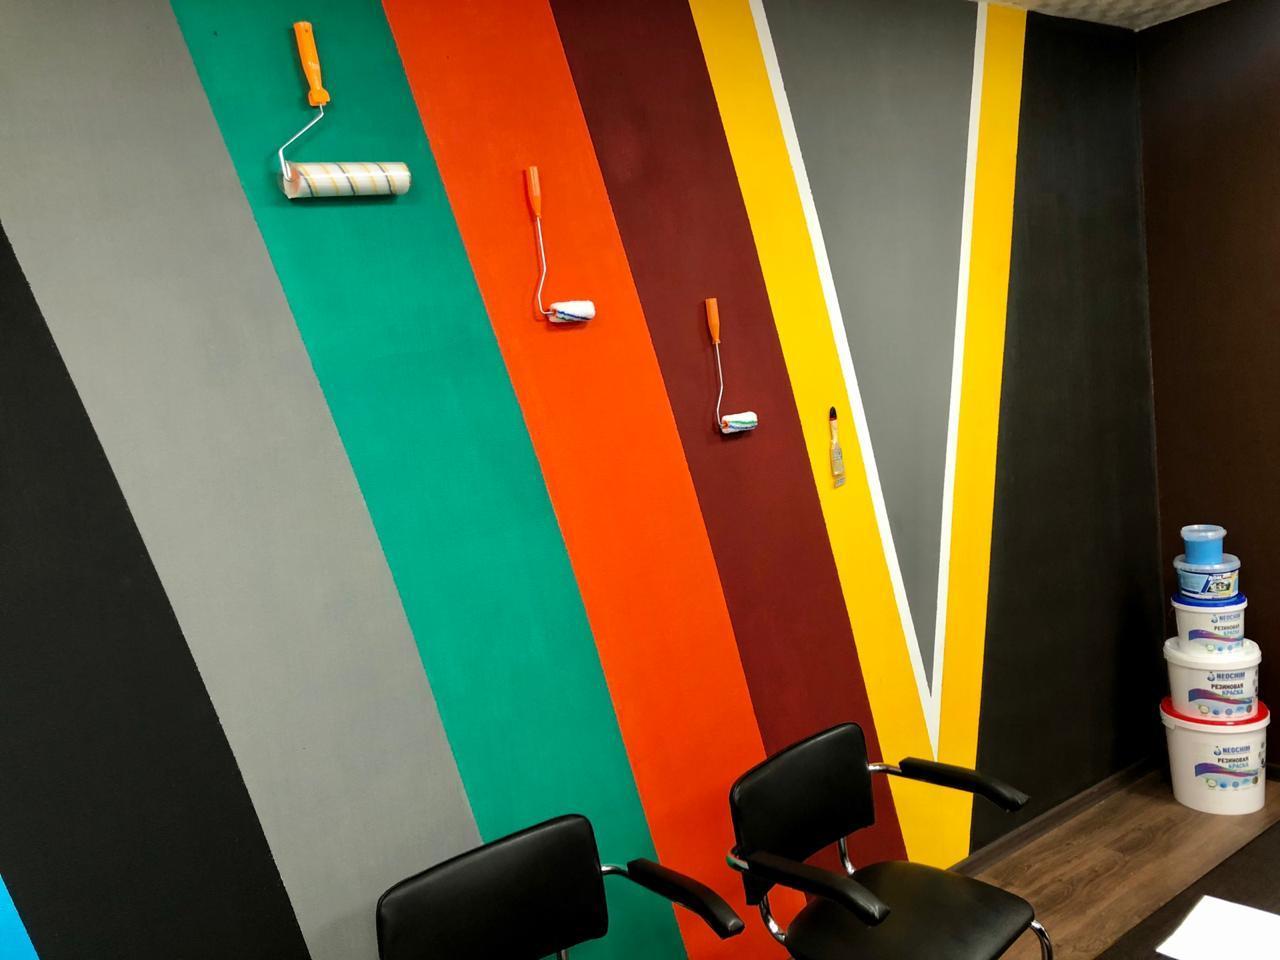 Художественная роспись стен и дизайн интерьеров.